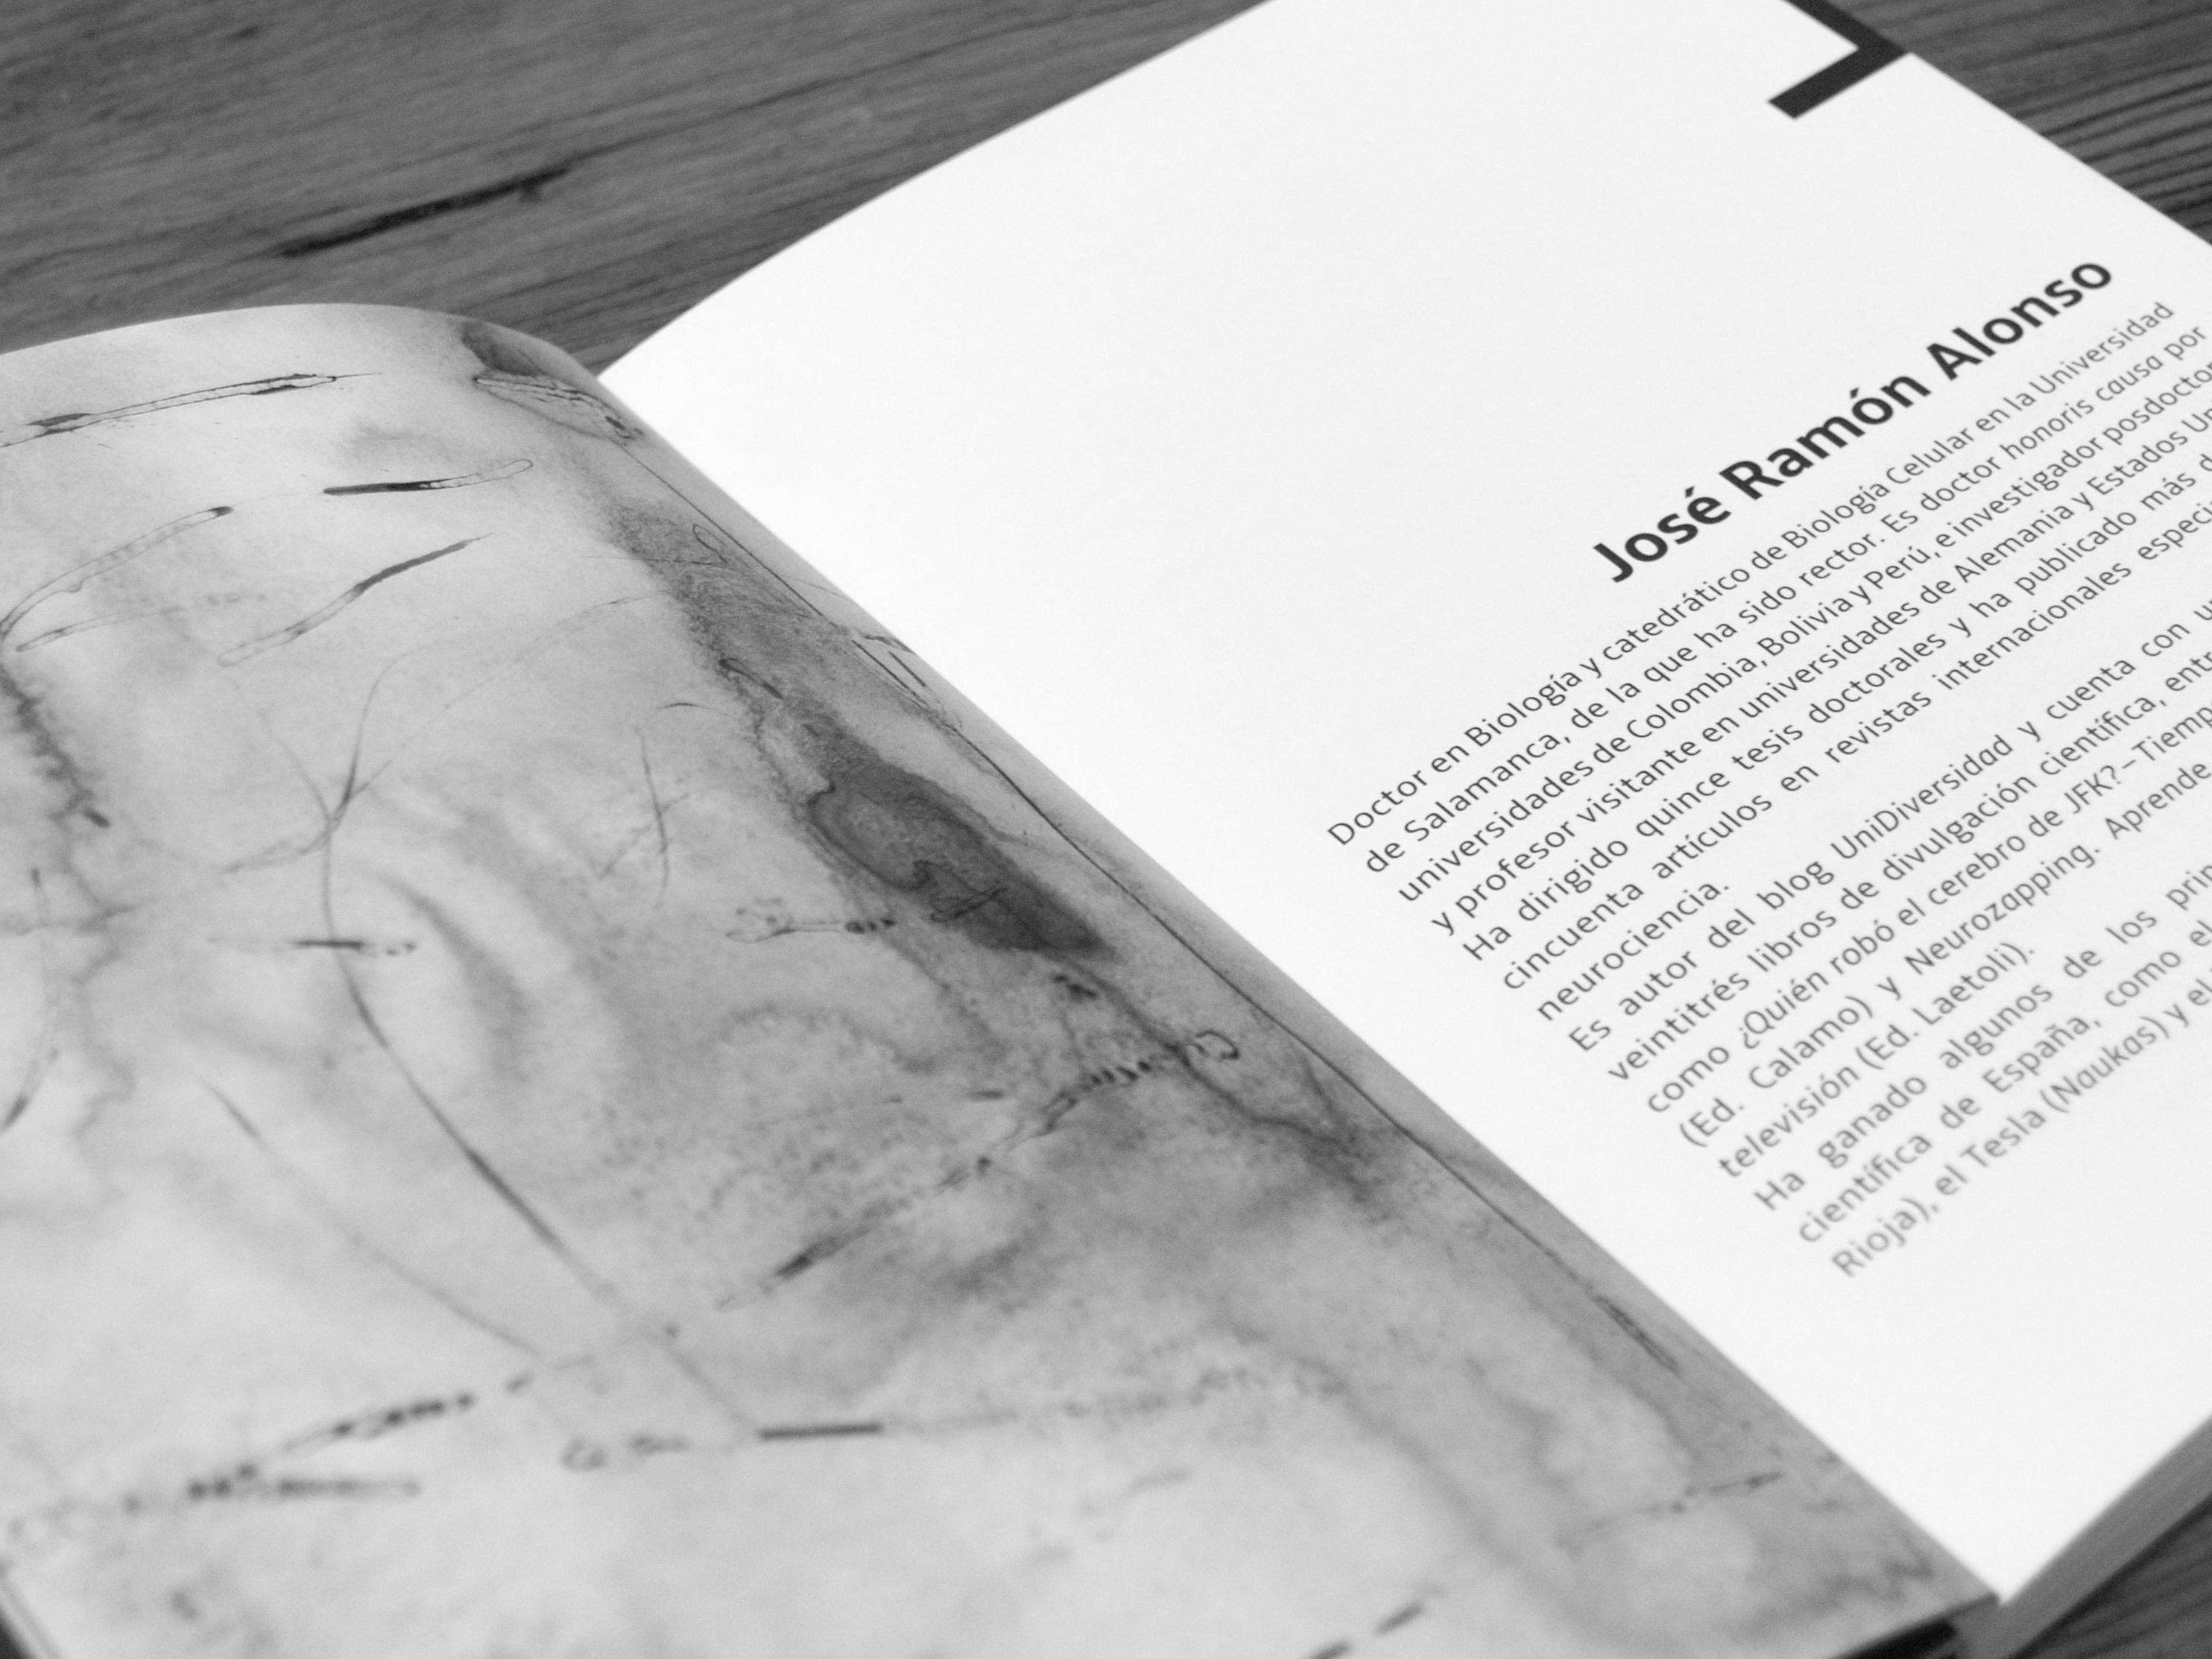 Página del libro con la biografía de JR Alonso